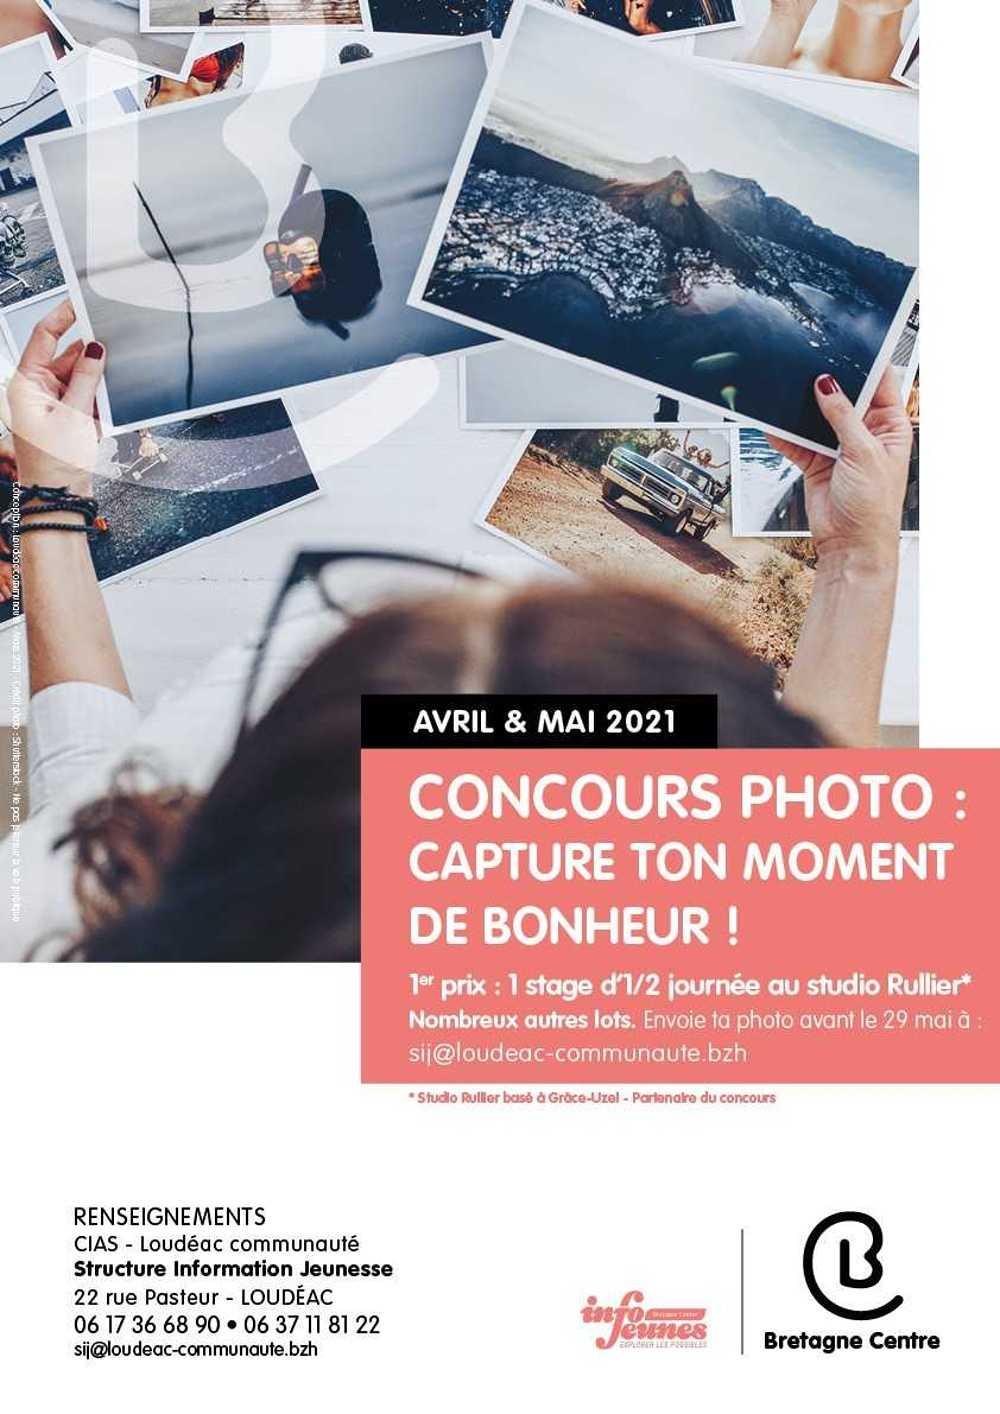 """Concours photo - SIJ """"Capture ton moment de bonheur"""" 11 à 25 ans 0"""